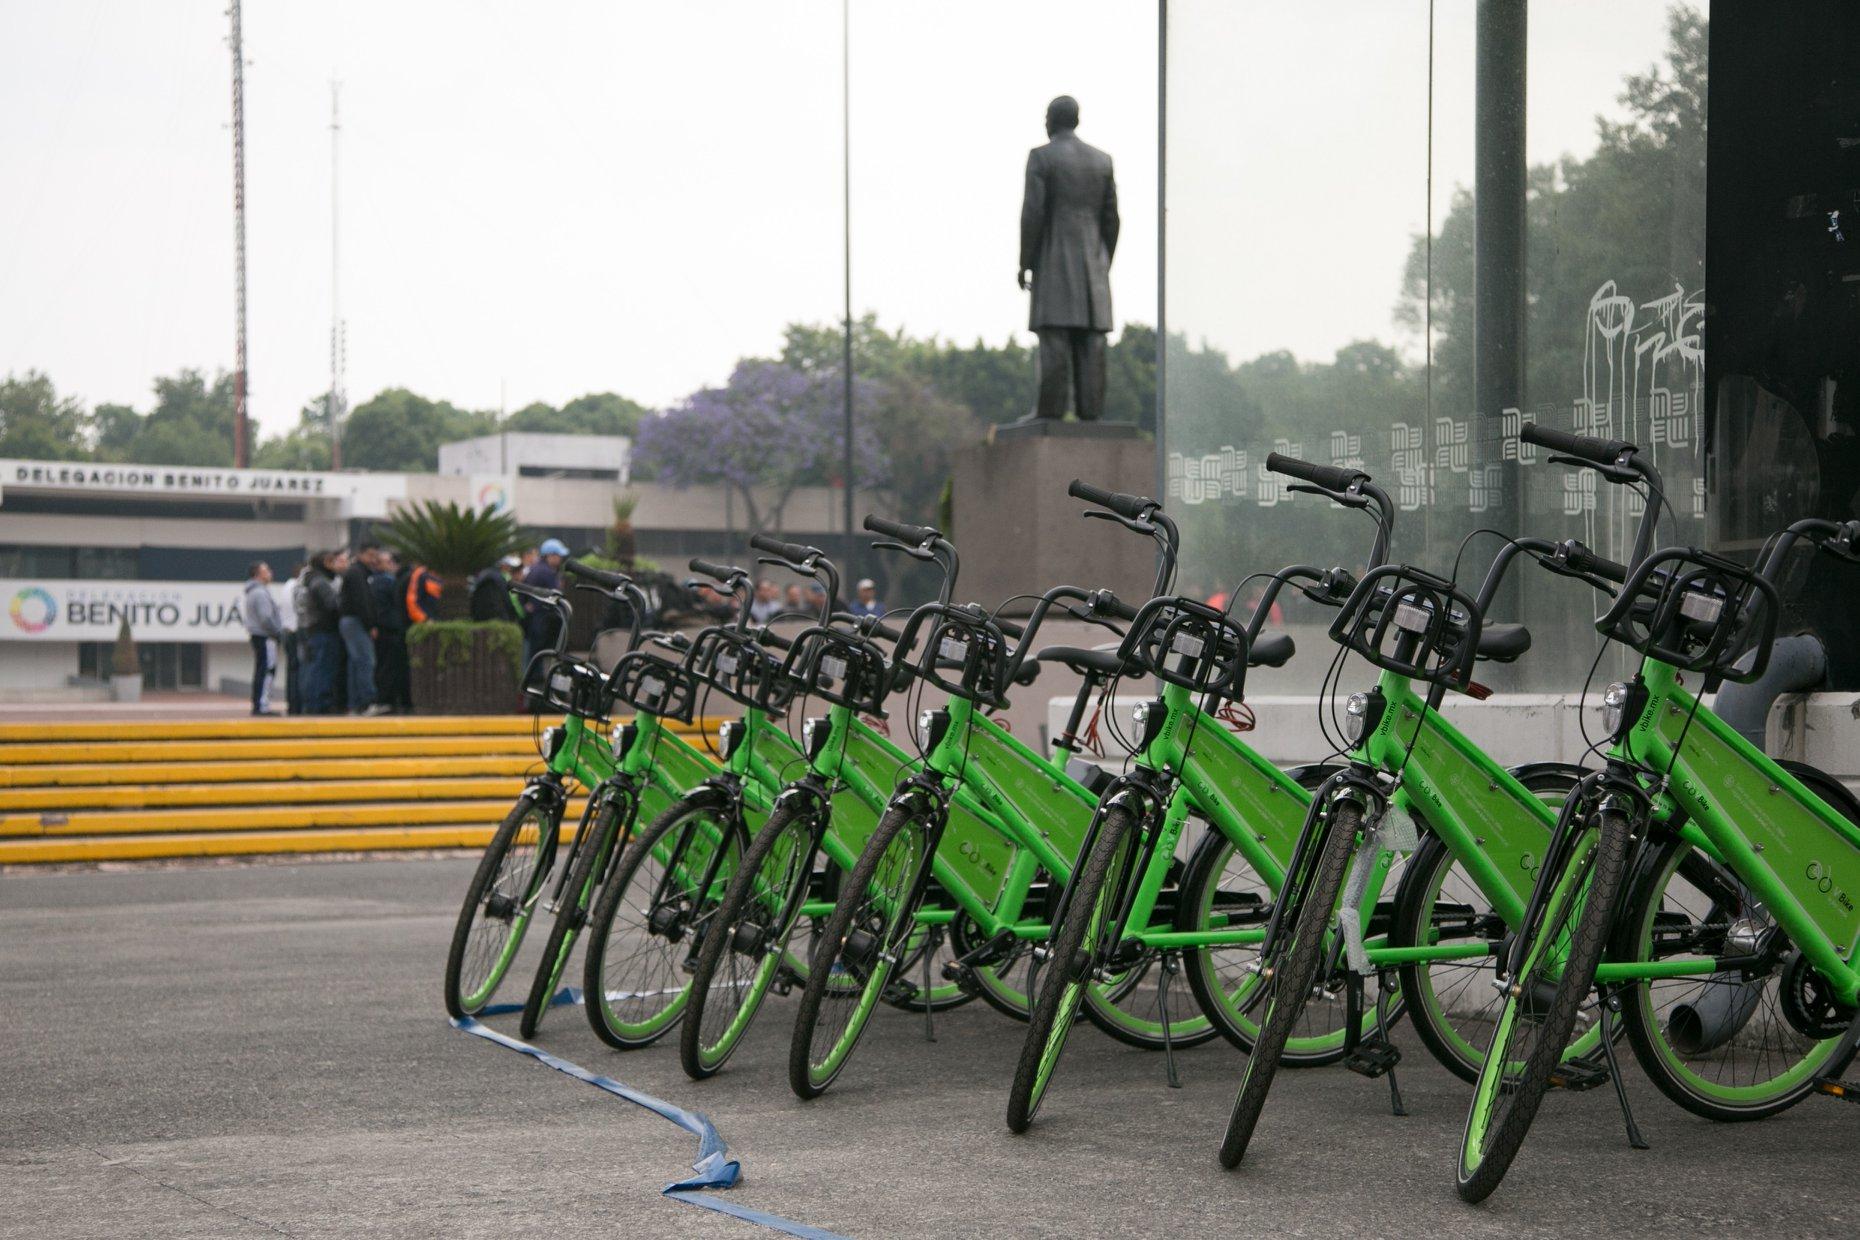 VBike también sufre el robo de sus bicicletas en CDMX